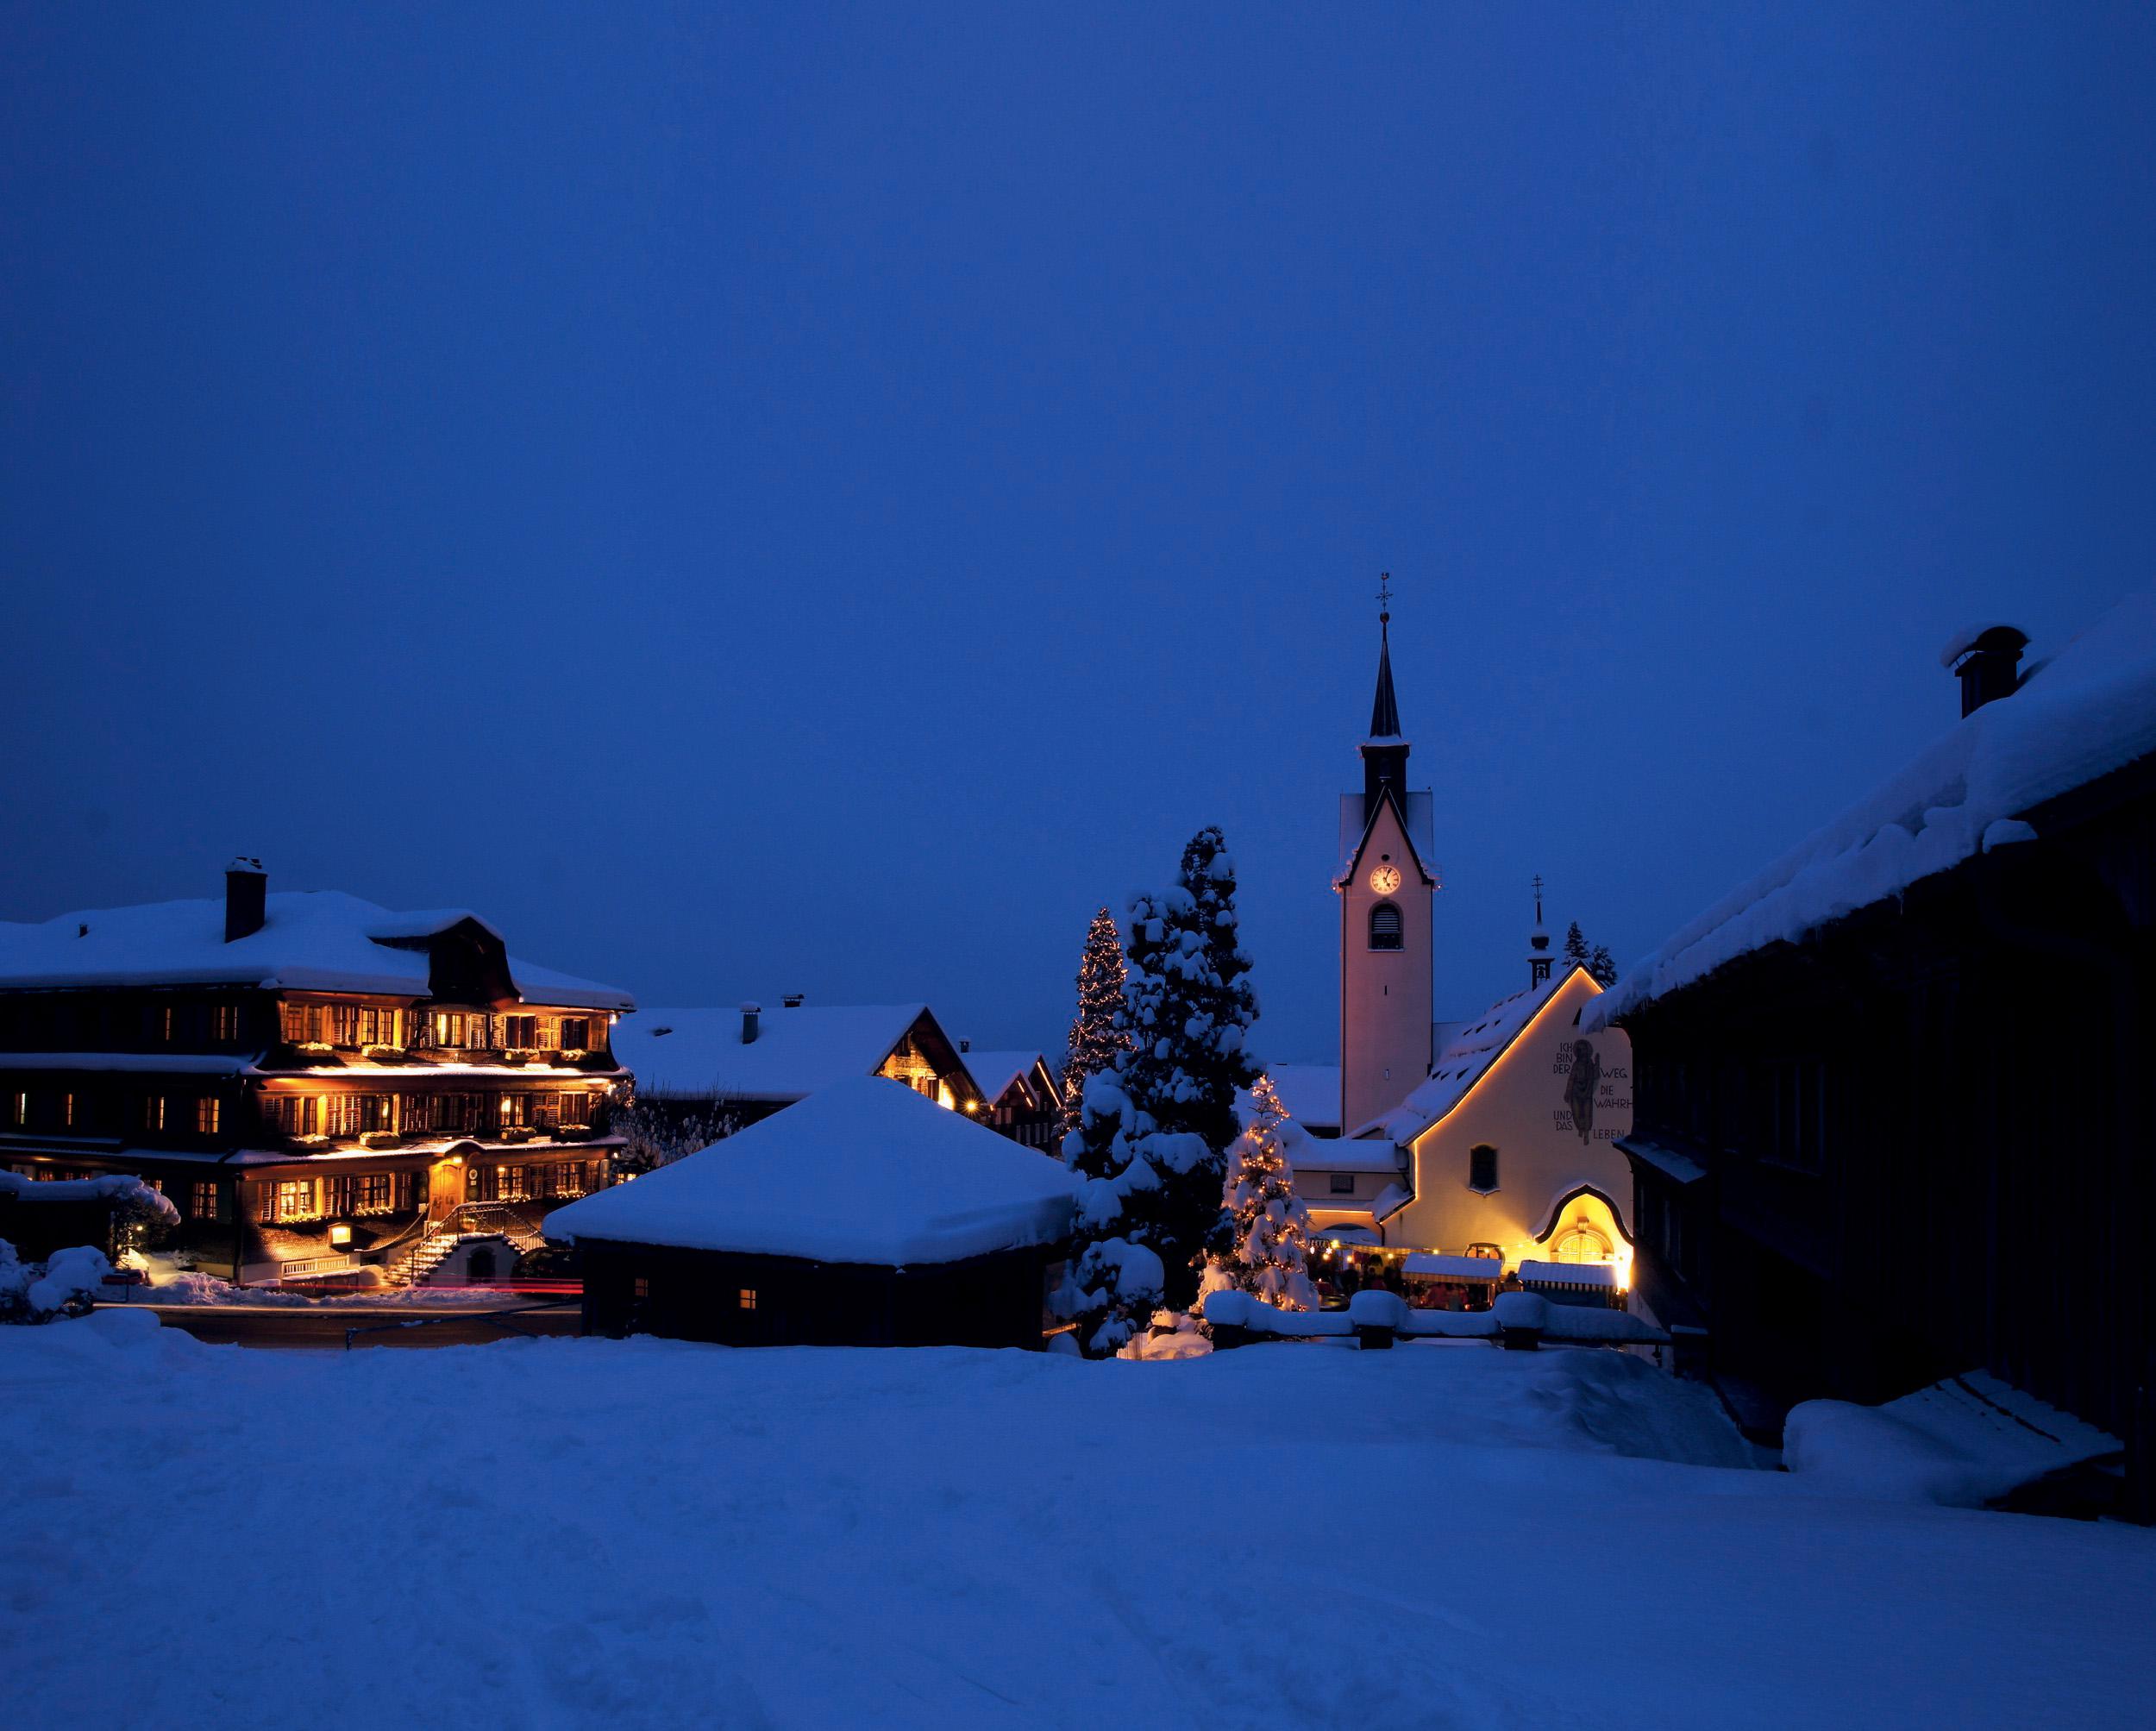 Weihnachtsmarkt Schwarzenberg.Weihnachtsmarkt Schwarzenberg Vorarlberg Bilder Im Austria Forum